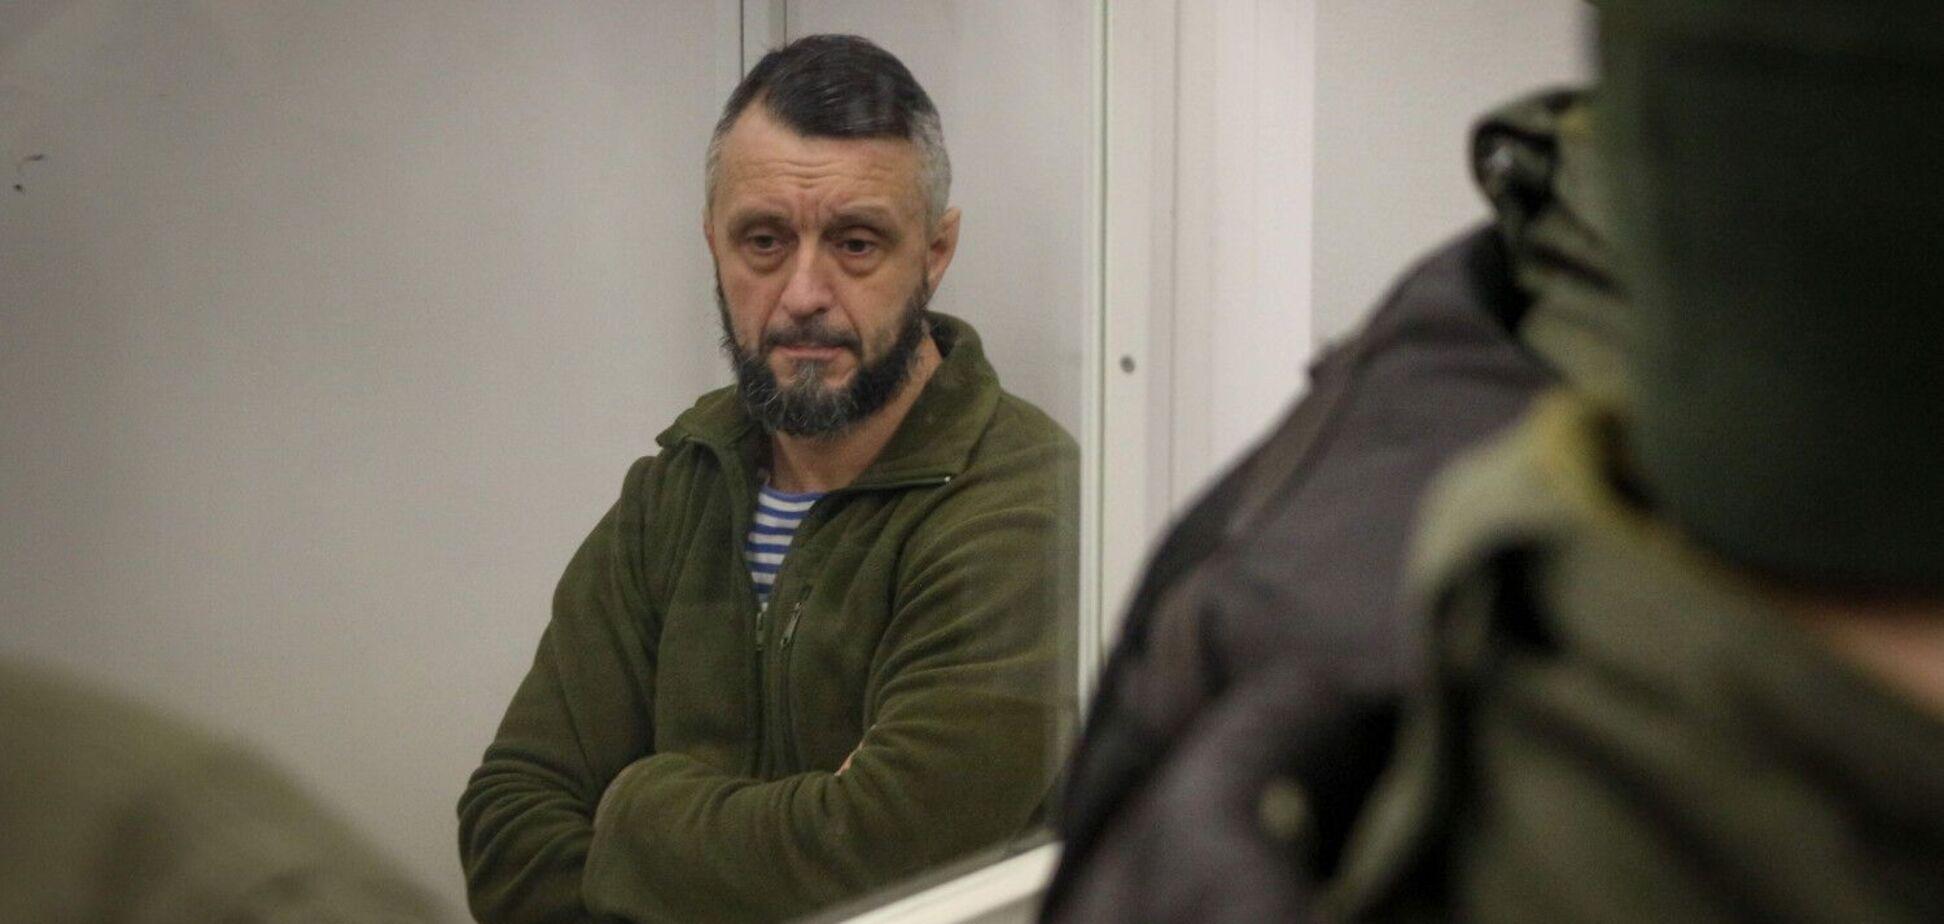 Суд оставил Антоненко под стражей: его хотели взять на поруки 15 человек